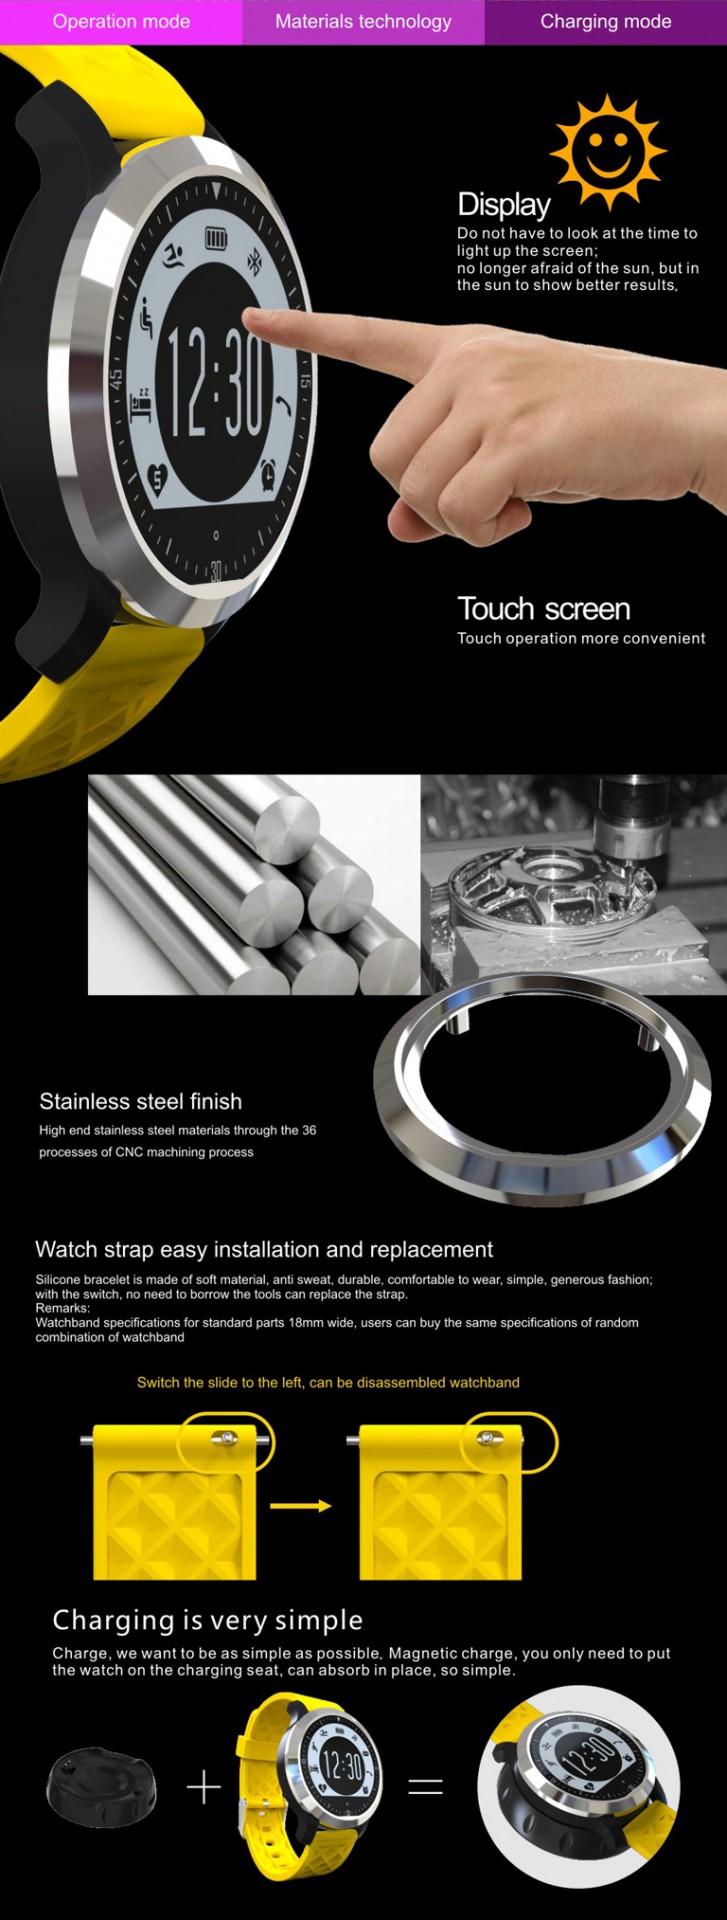 9563c5608f6 Black Watch s jedním poutkem šedé nebo žluté barvy. 1 palec displej.  Nejvhodnější velikost displeje ve vysokém rozlišení zobrazení obrazovky vám  poskytne ...